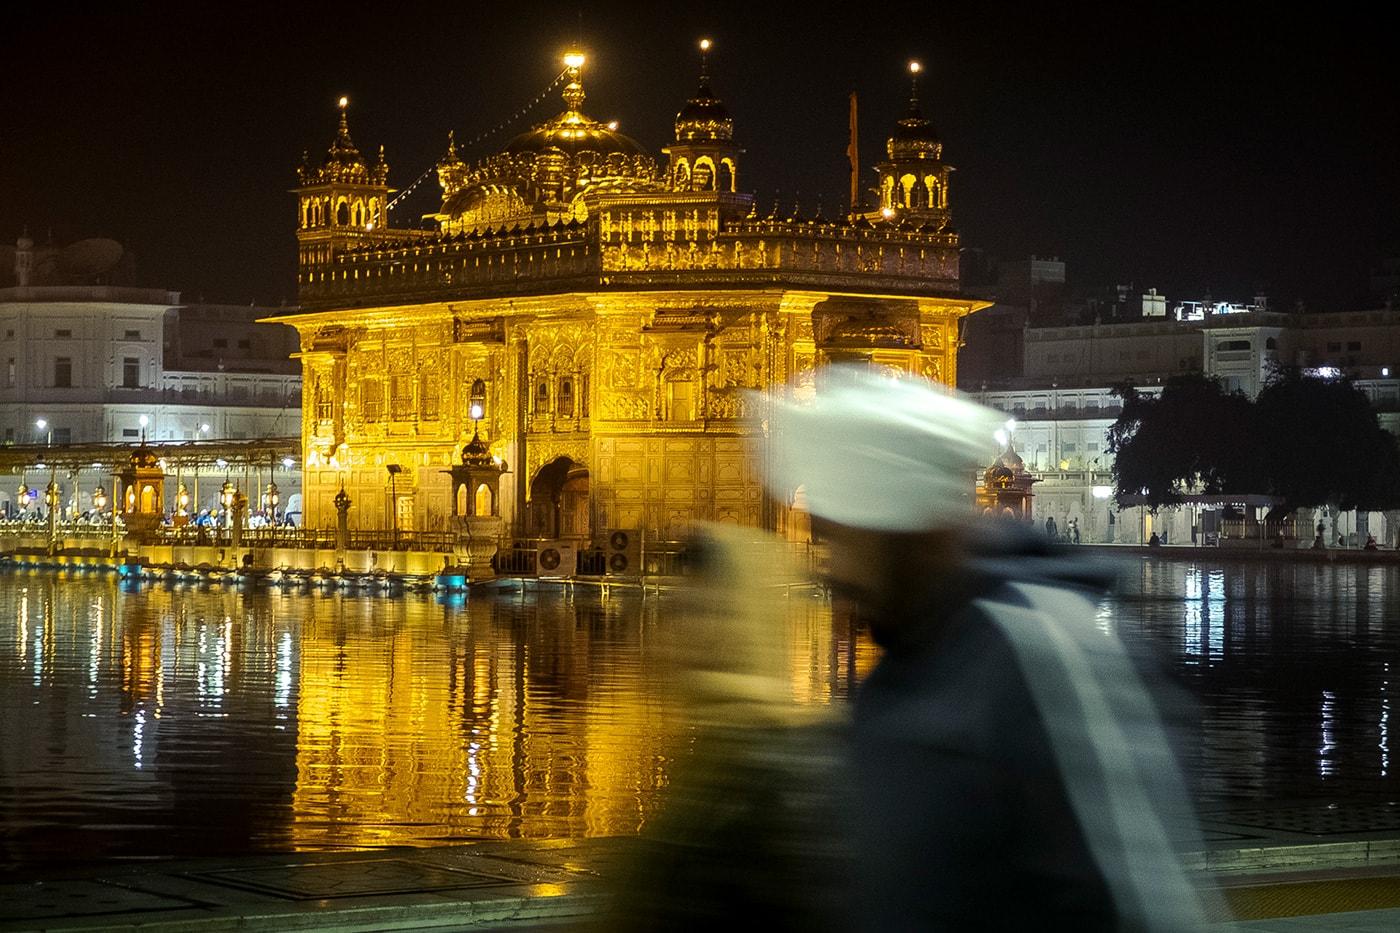 viaggio in india amritsar tempio d oro